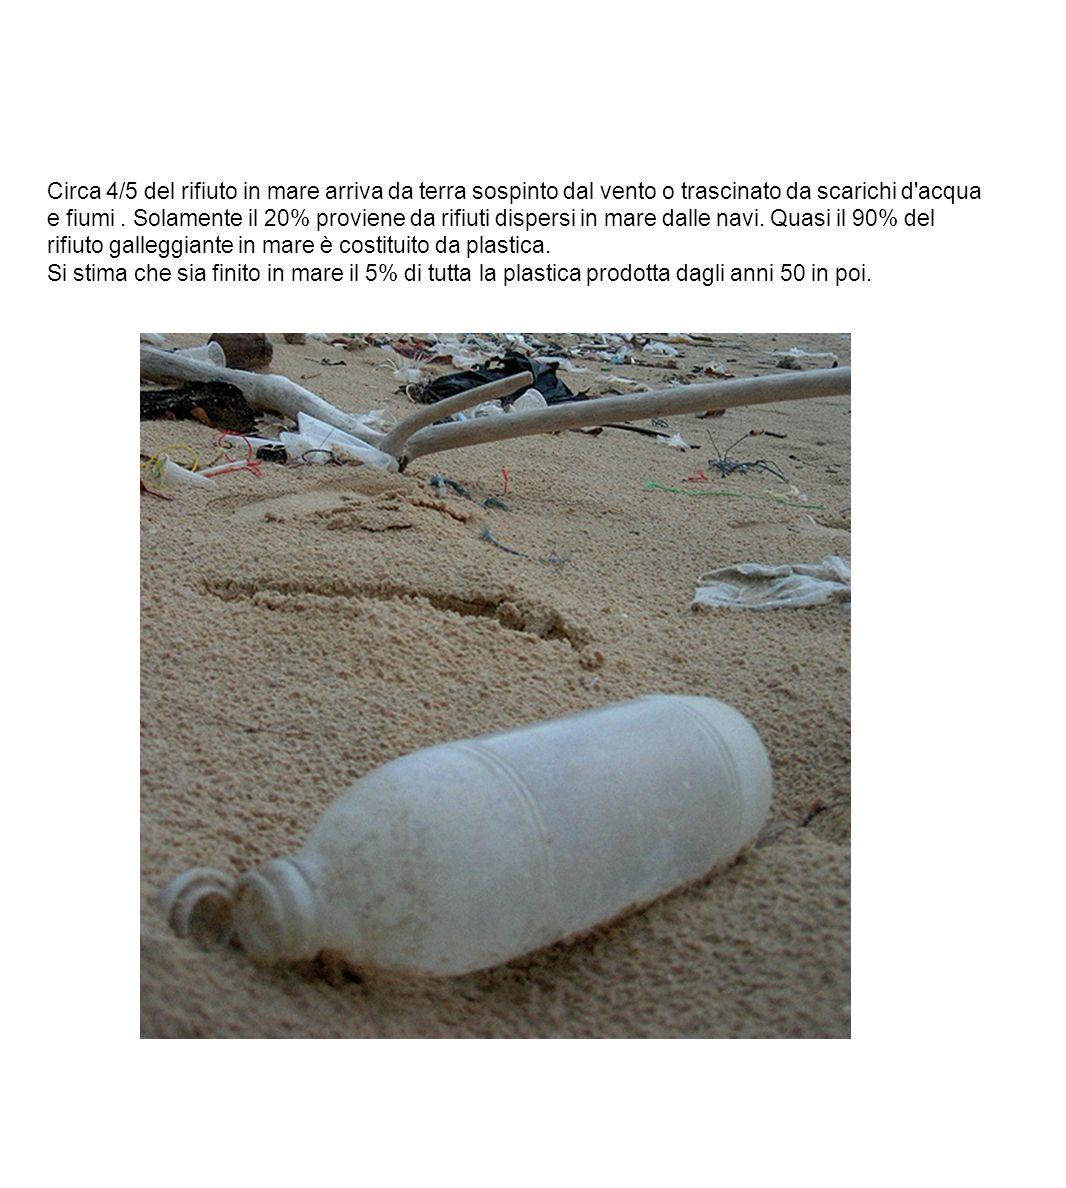 Circa 4/5 del rifiuto in mare arriva da terra sospinto dal vento o trascinato da scarichi d'acqua e fiumi. Solamente il 20% proviene da rifiuti disper